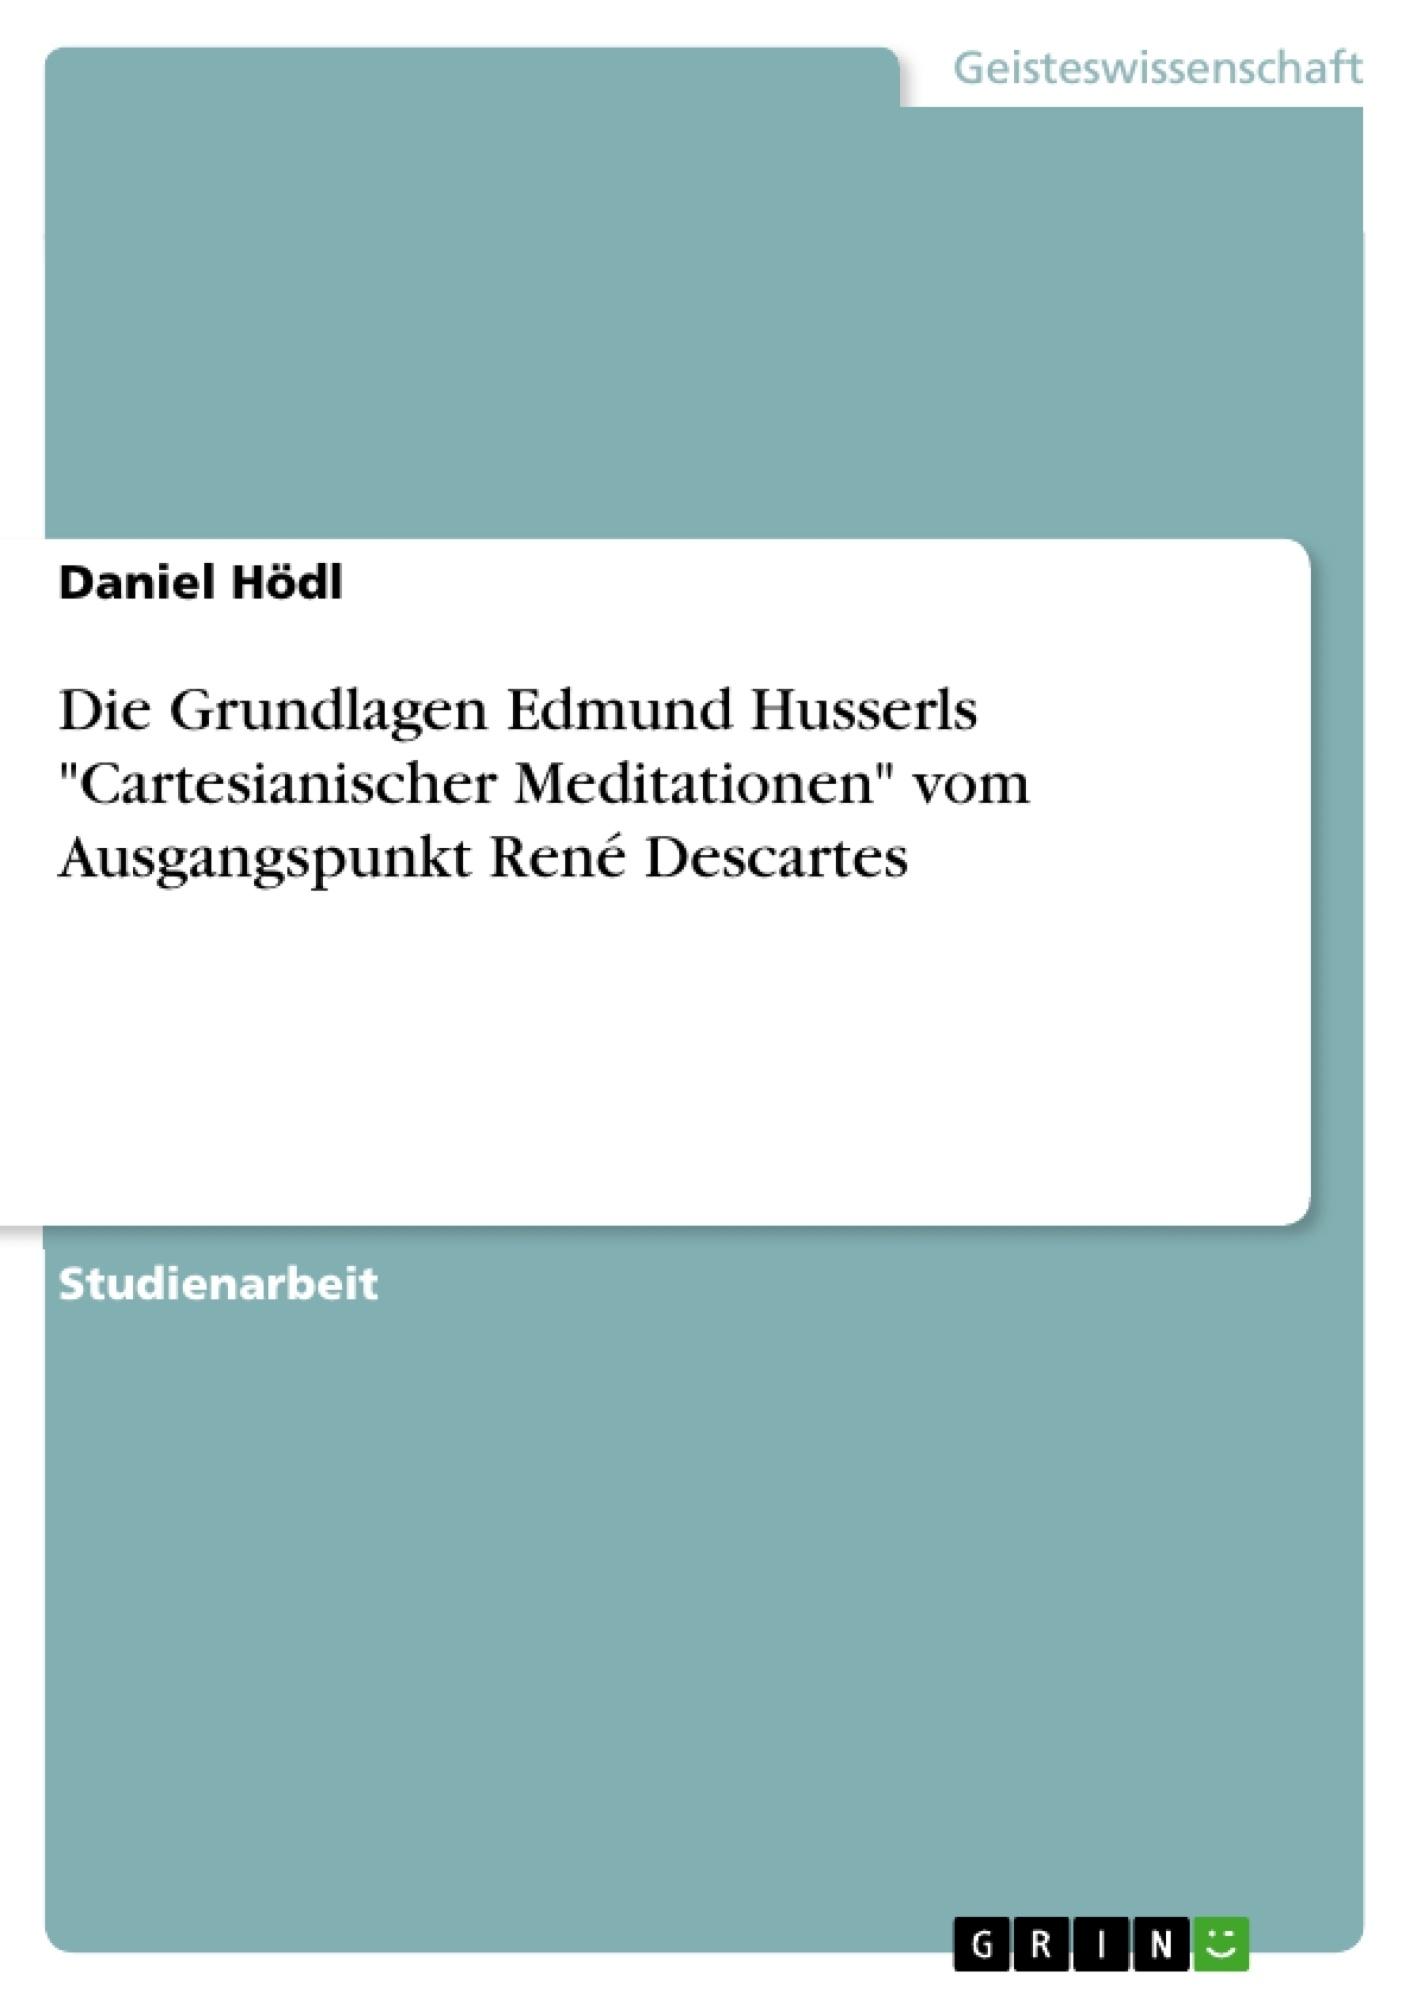 """Titel: Die Grundlagen Edmund Husserls """"Cartesianischer Meditationen"""" vom Ausgangspunkt René Descartes"""